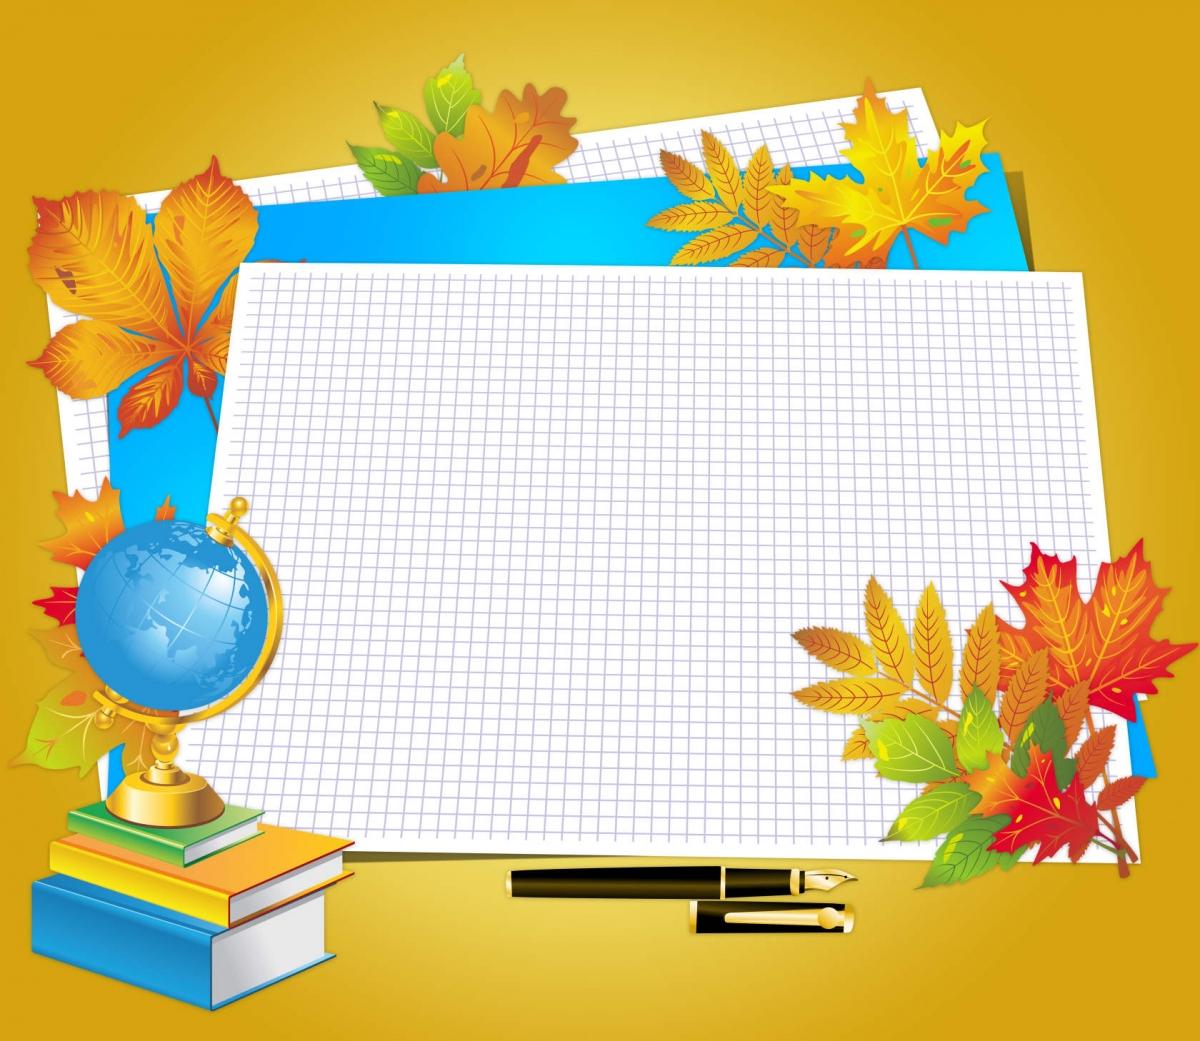 честь праздника открытка бланк день учителя сегодняшний день